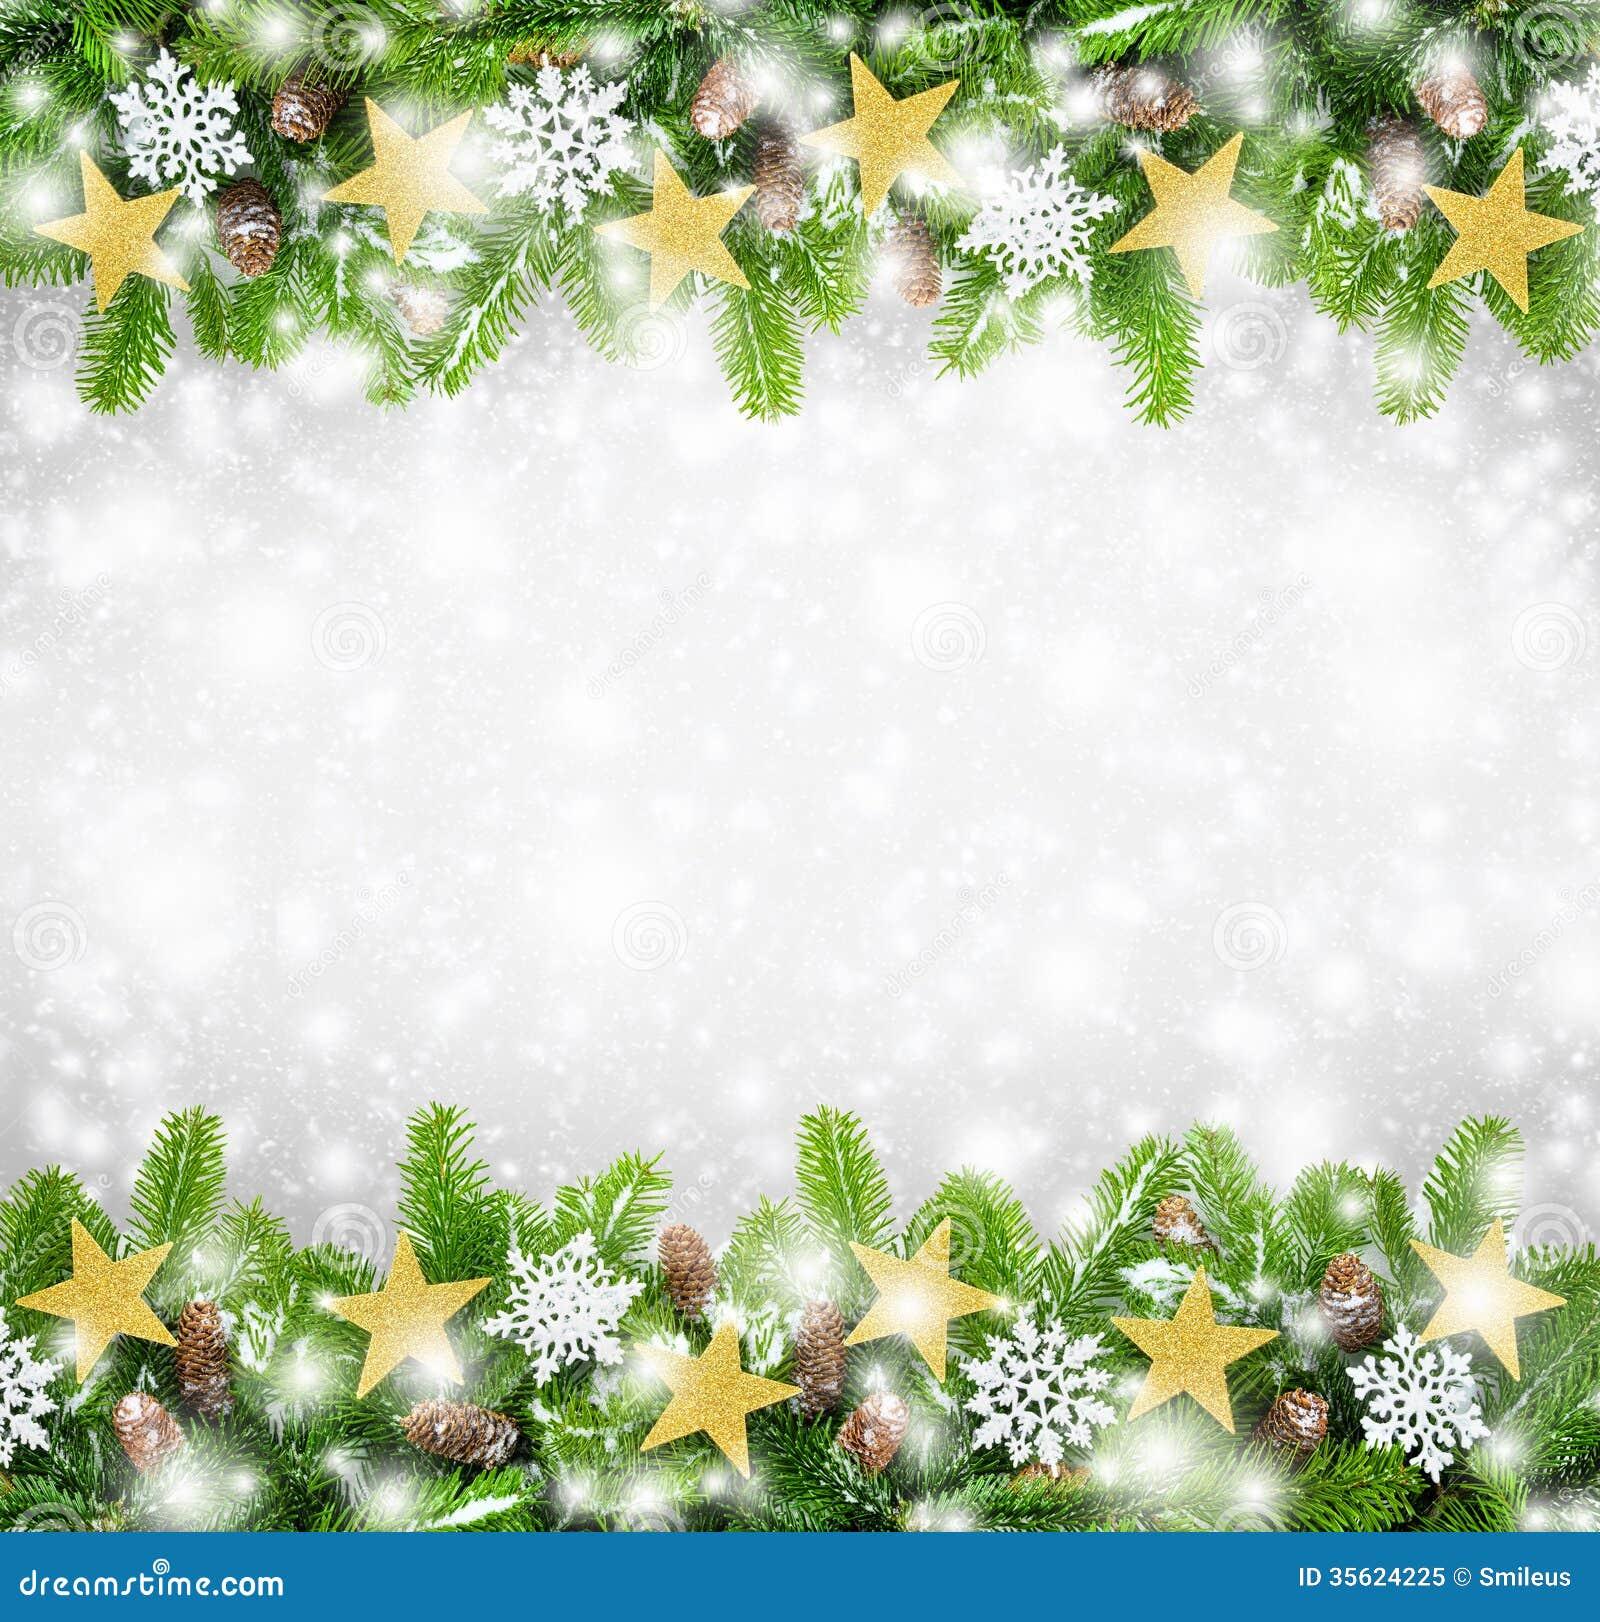 christmas border free